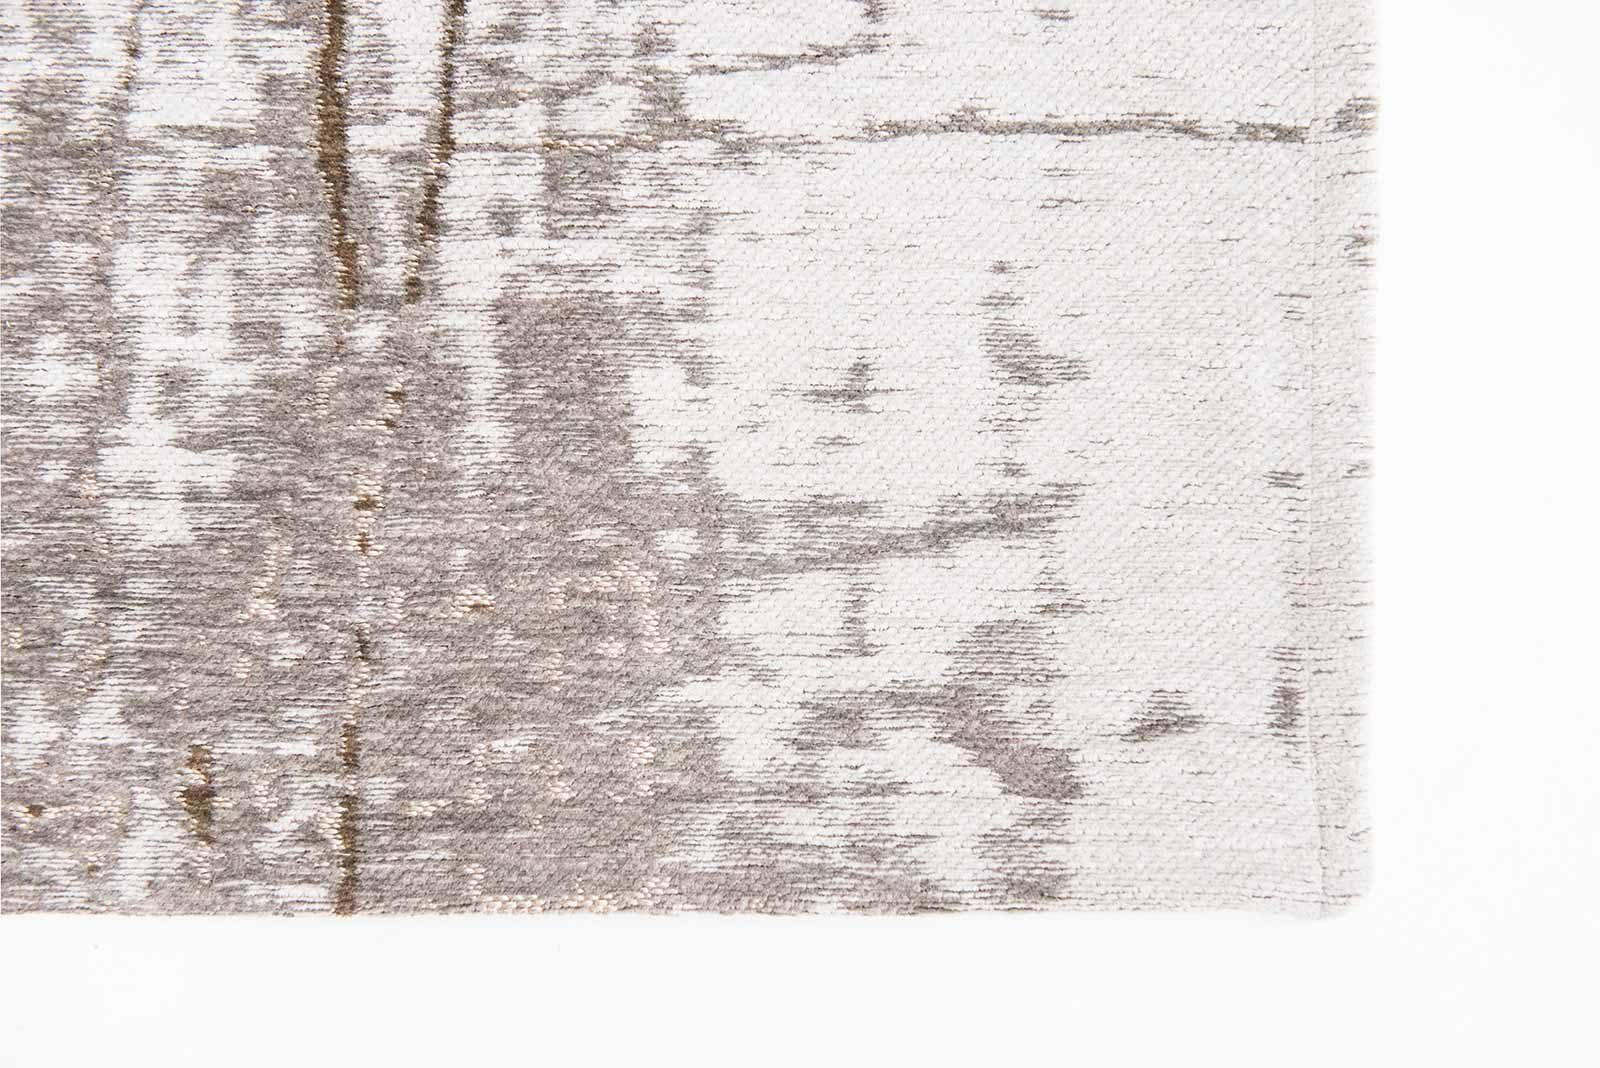 alfombras Louis De Poortere LX 8785 Mad Men Griff Concrete Jungle corner